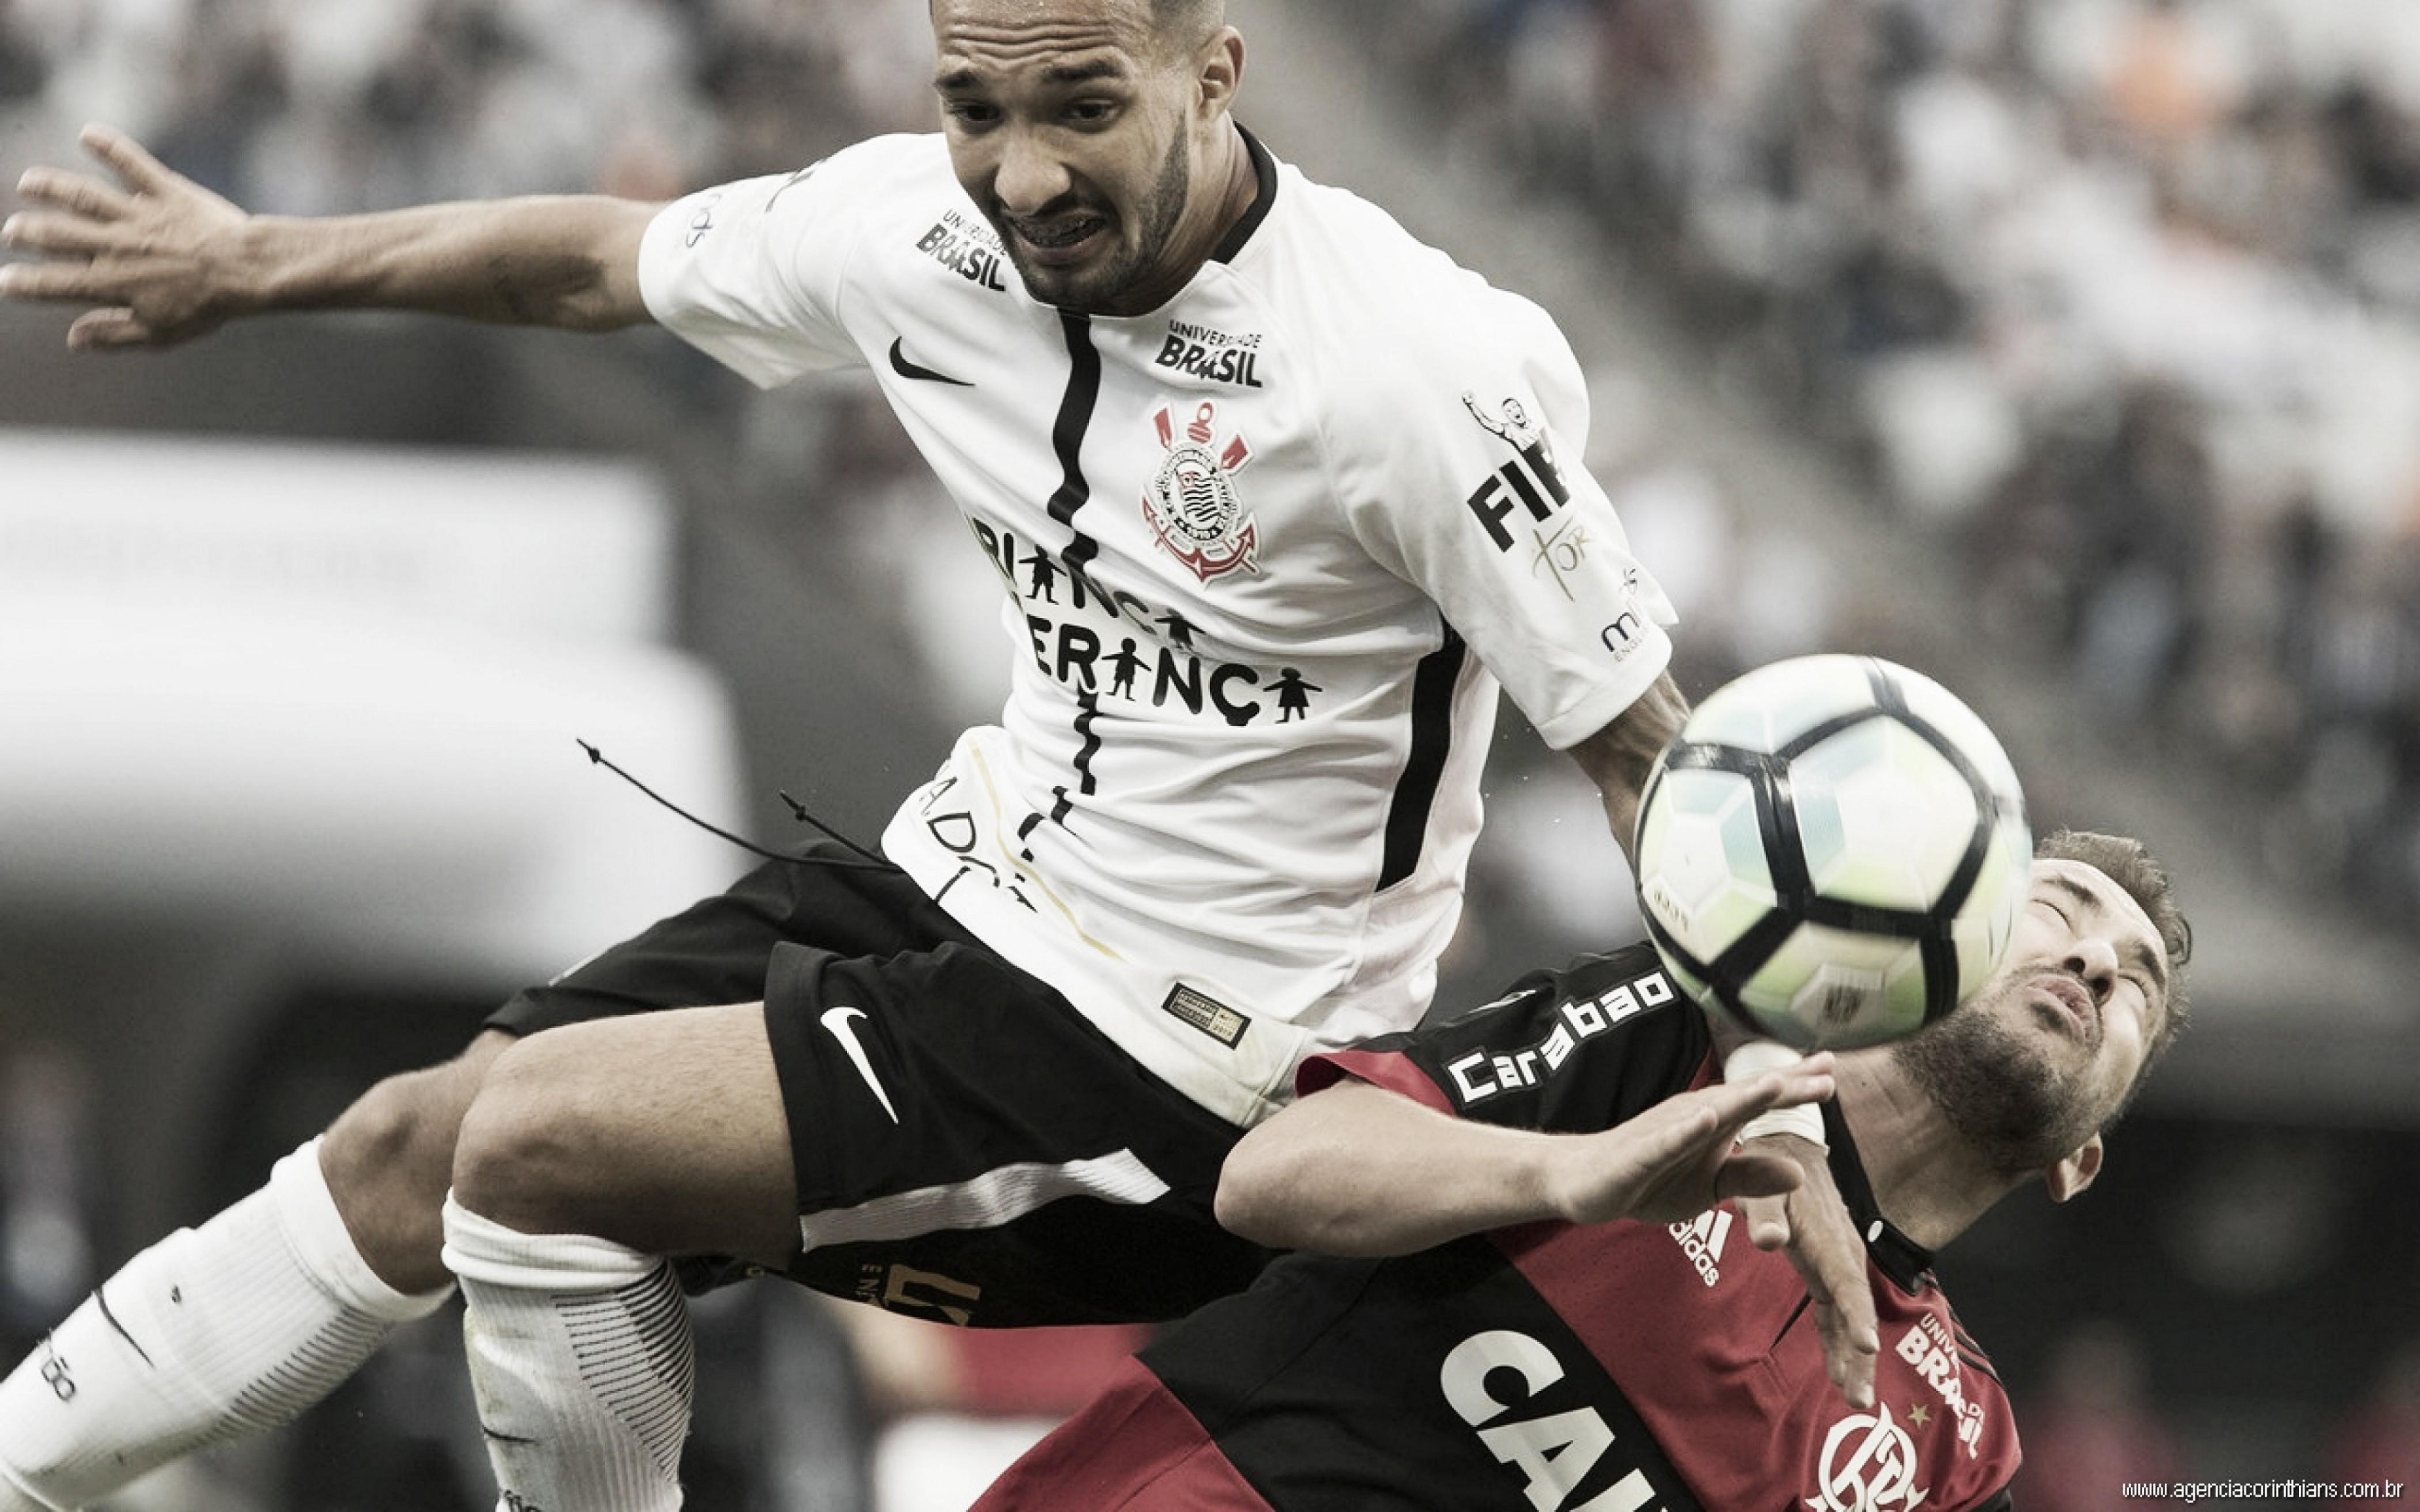 No clássico das nações, Flamengo e Corinthians se enfrentam na partida de ida pela Copa do Brasil